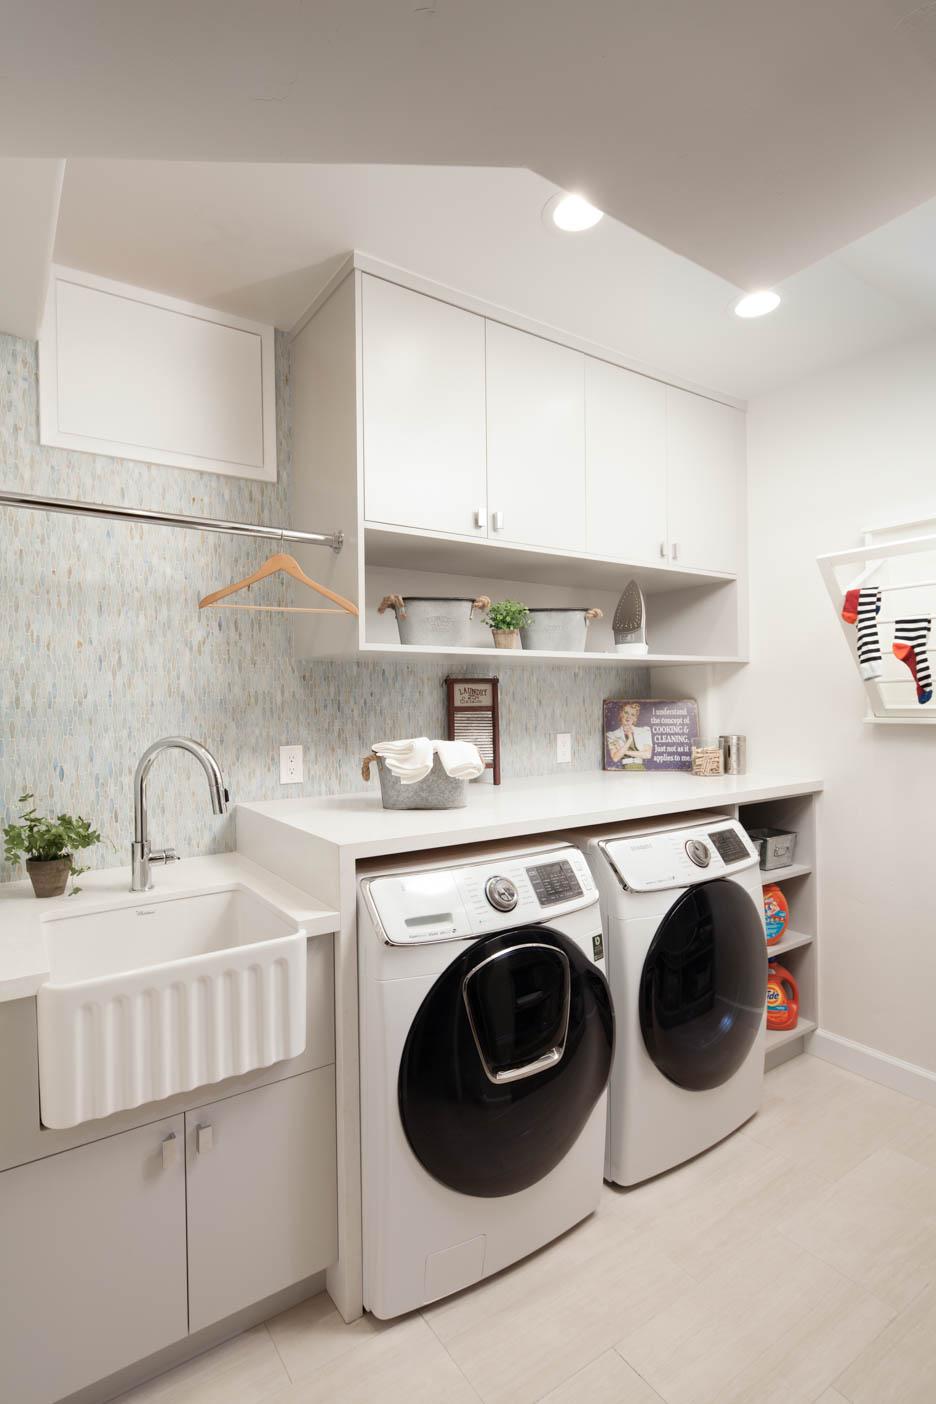 Laundry romm